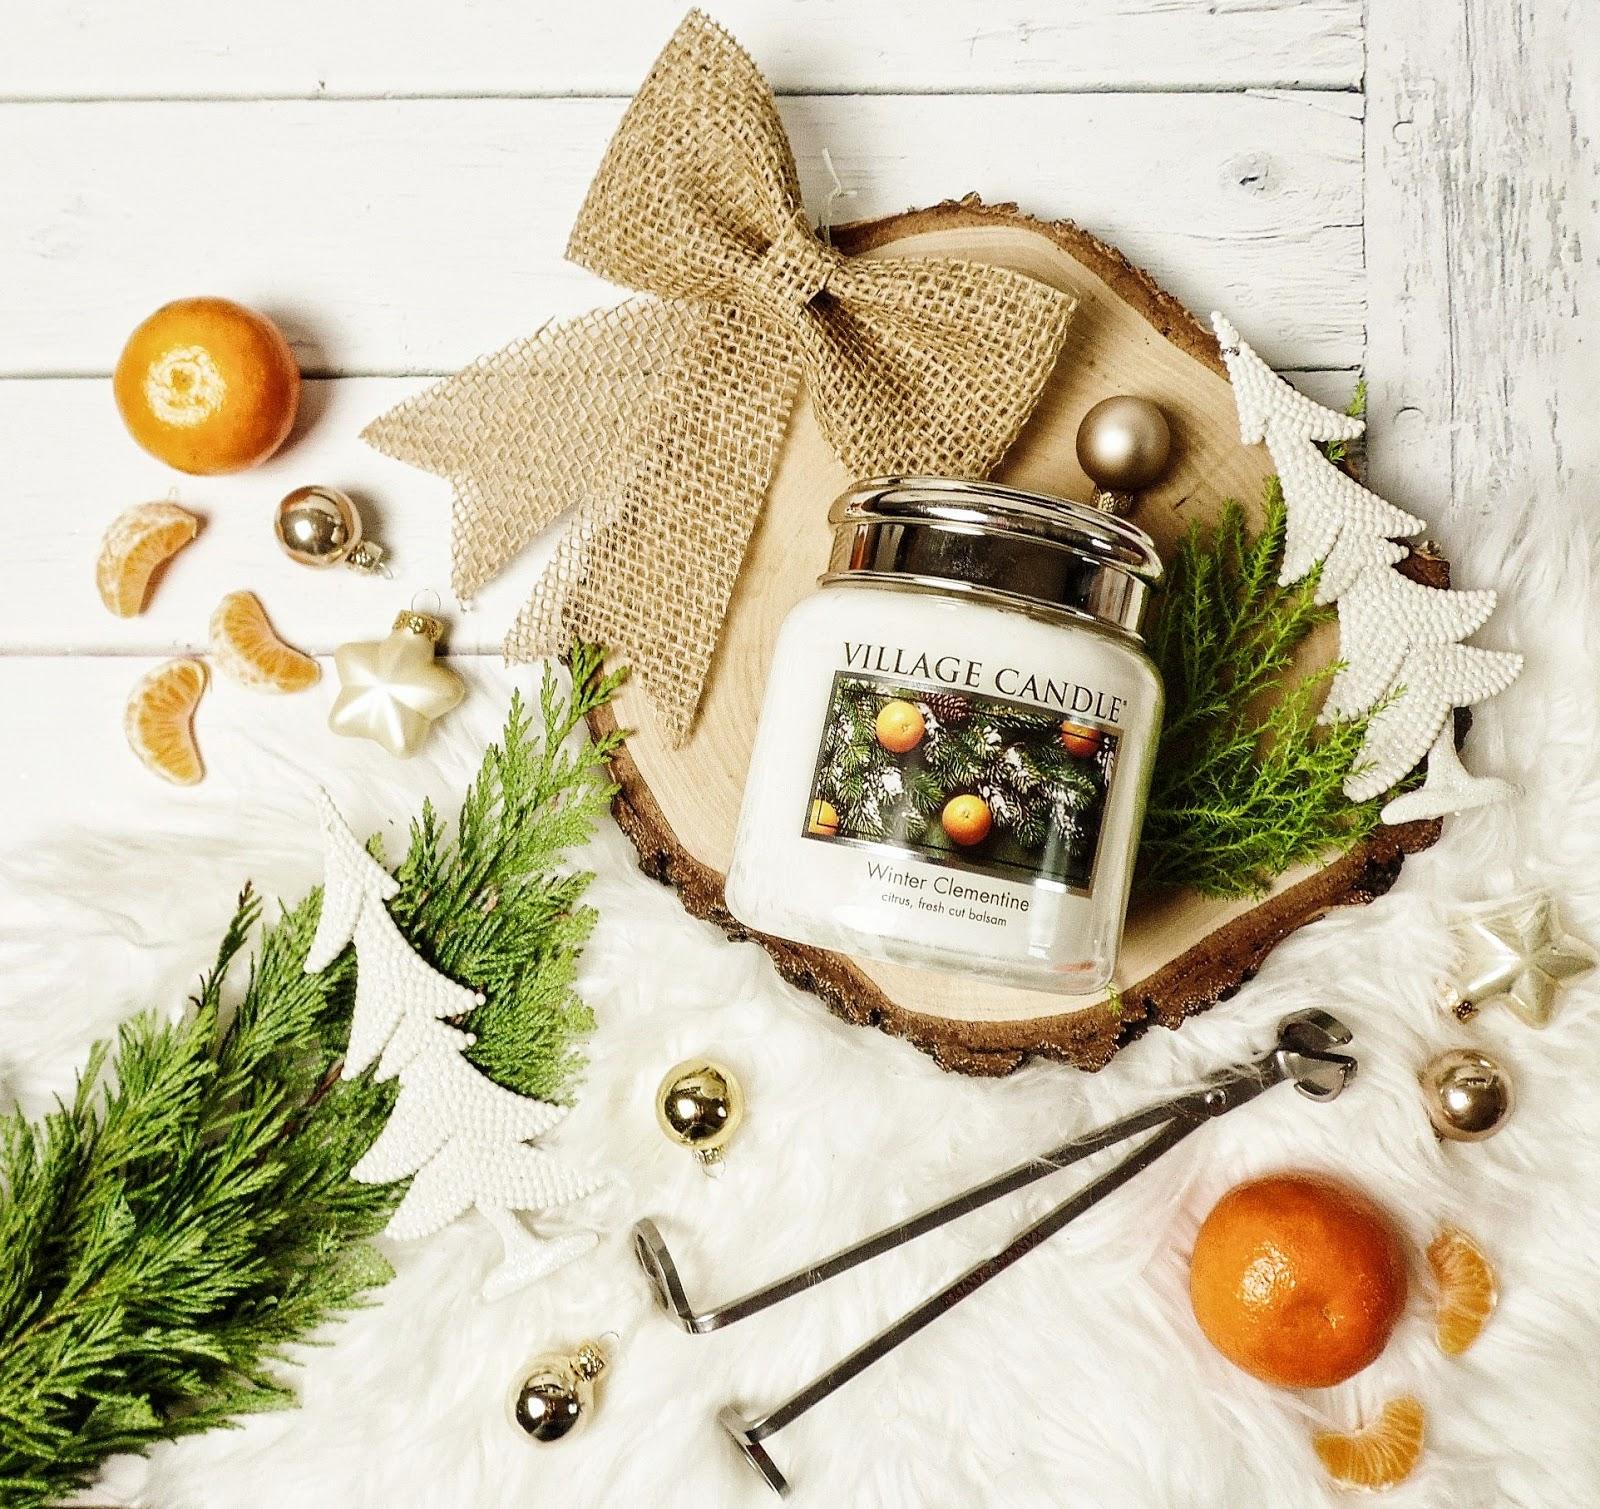 Dwa świąteczne symbole w jednym słoiku - Winter Clementine Village Candle.